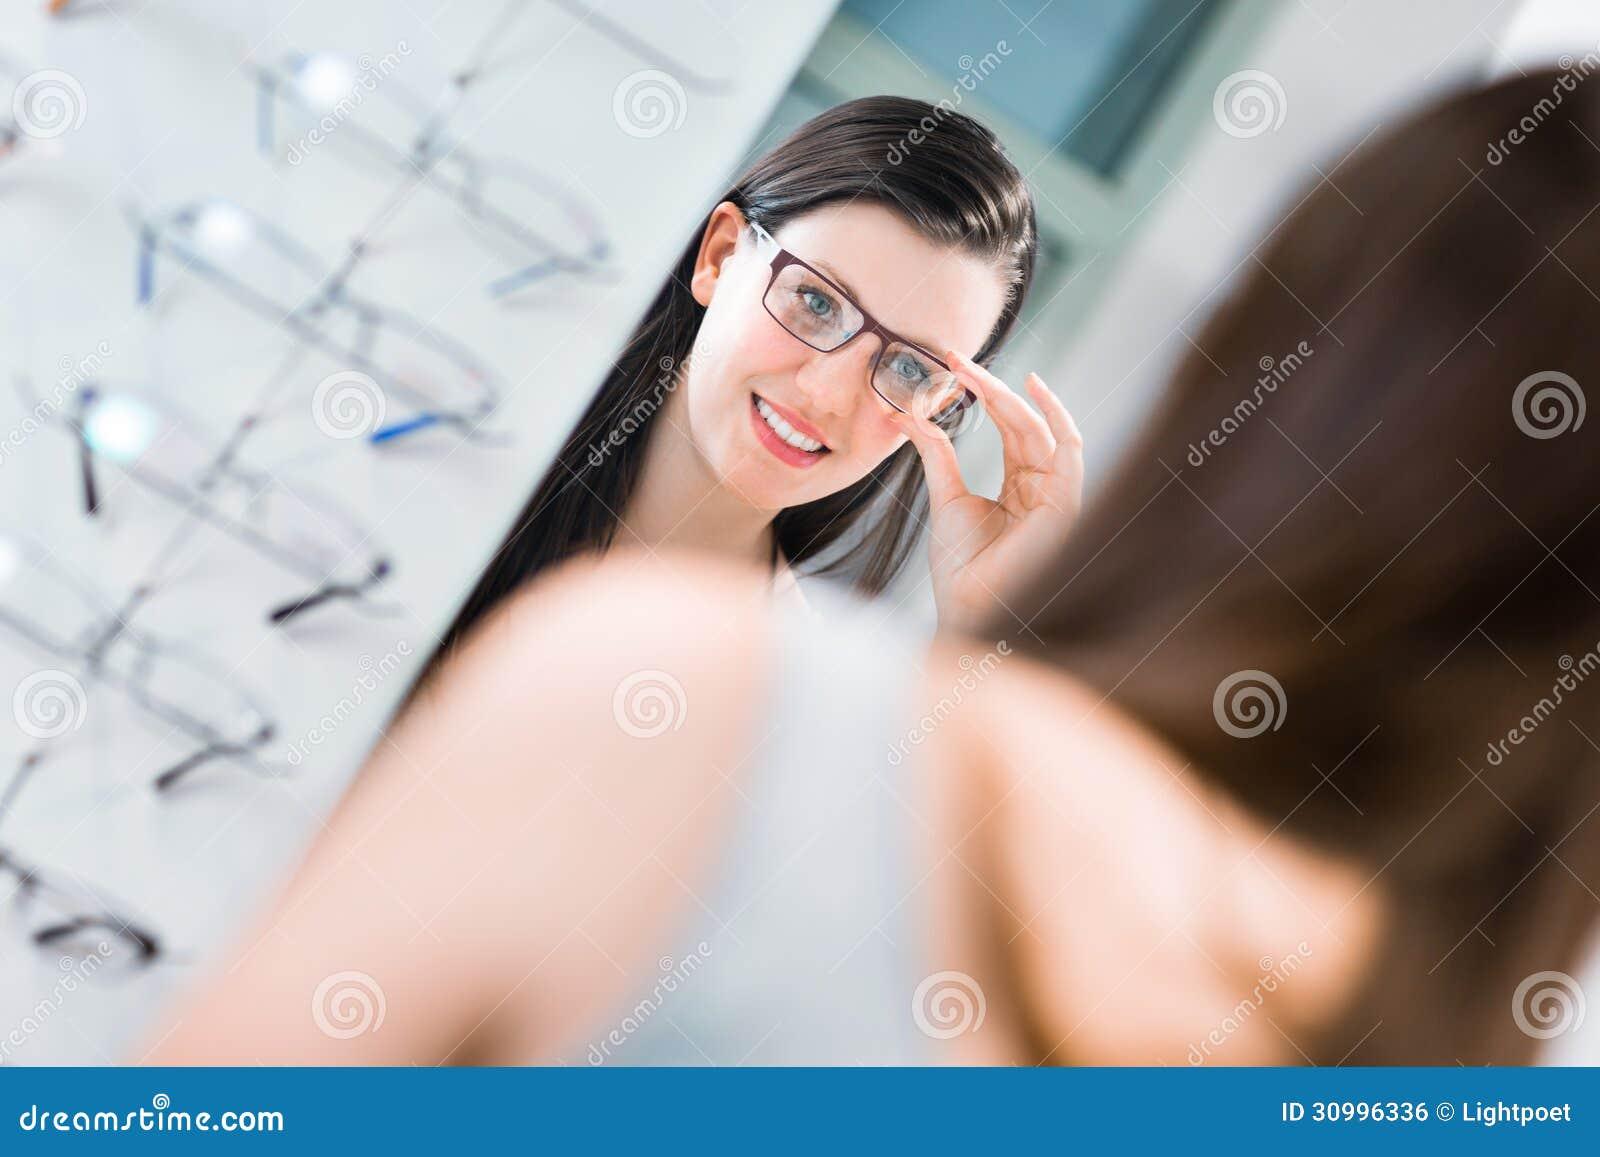 Assez, jeune femme choisissant de nouveaux cadres en verre